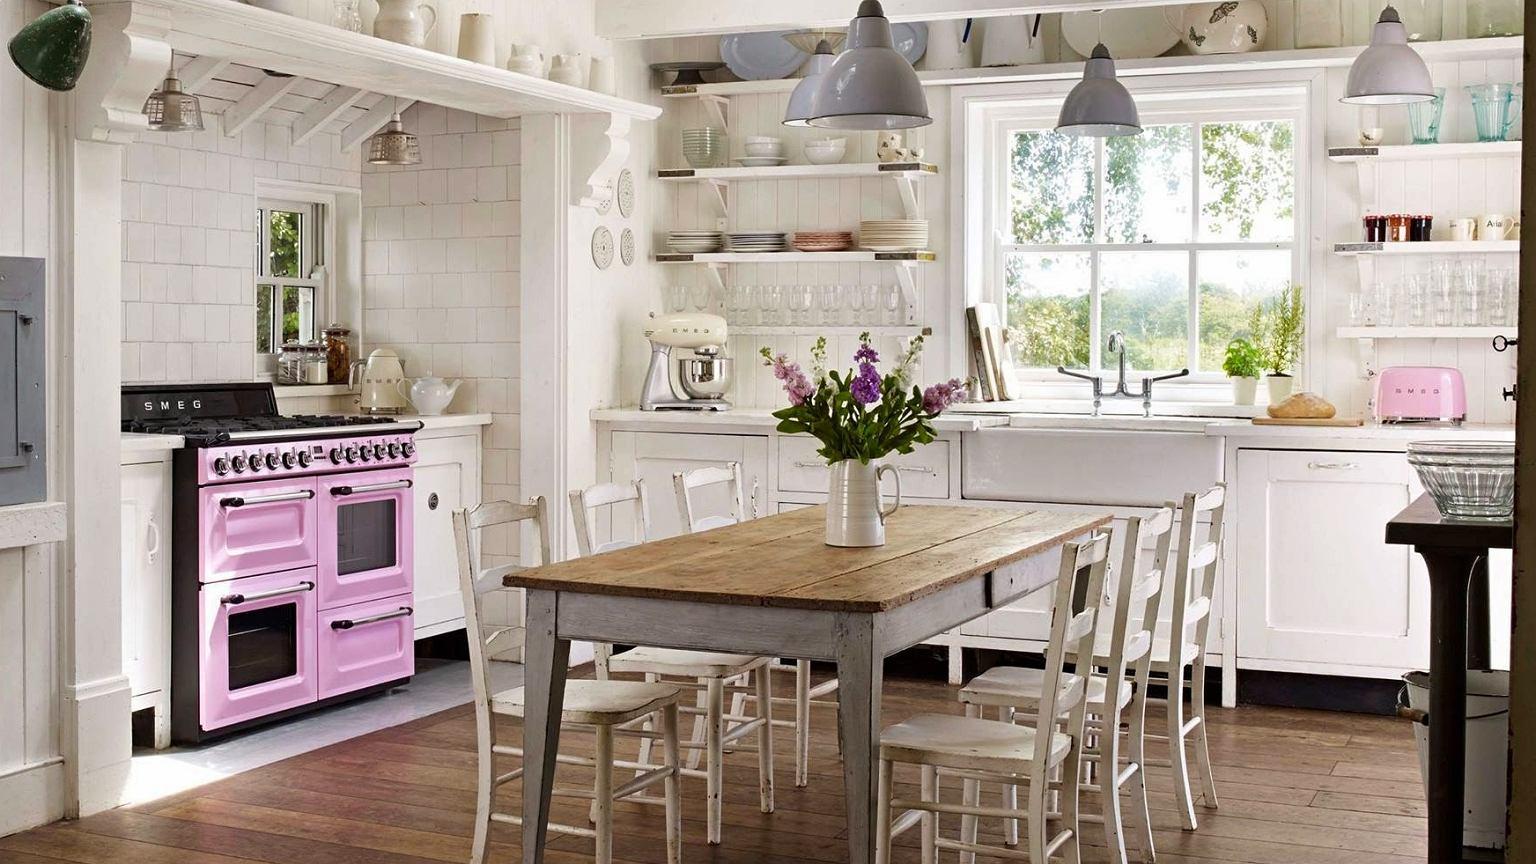 Jak urządzić kuchnię w stylu retro?